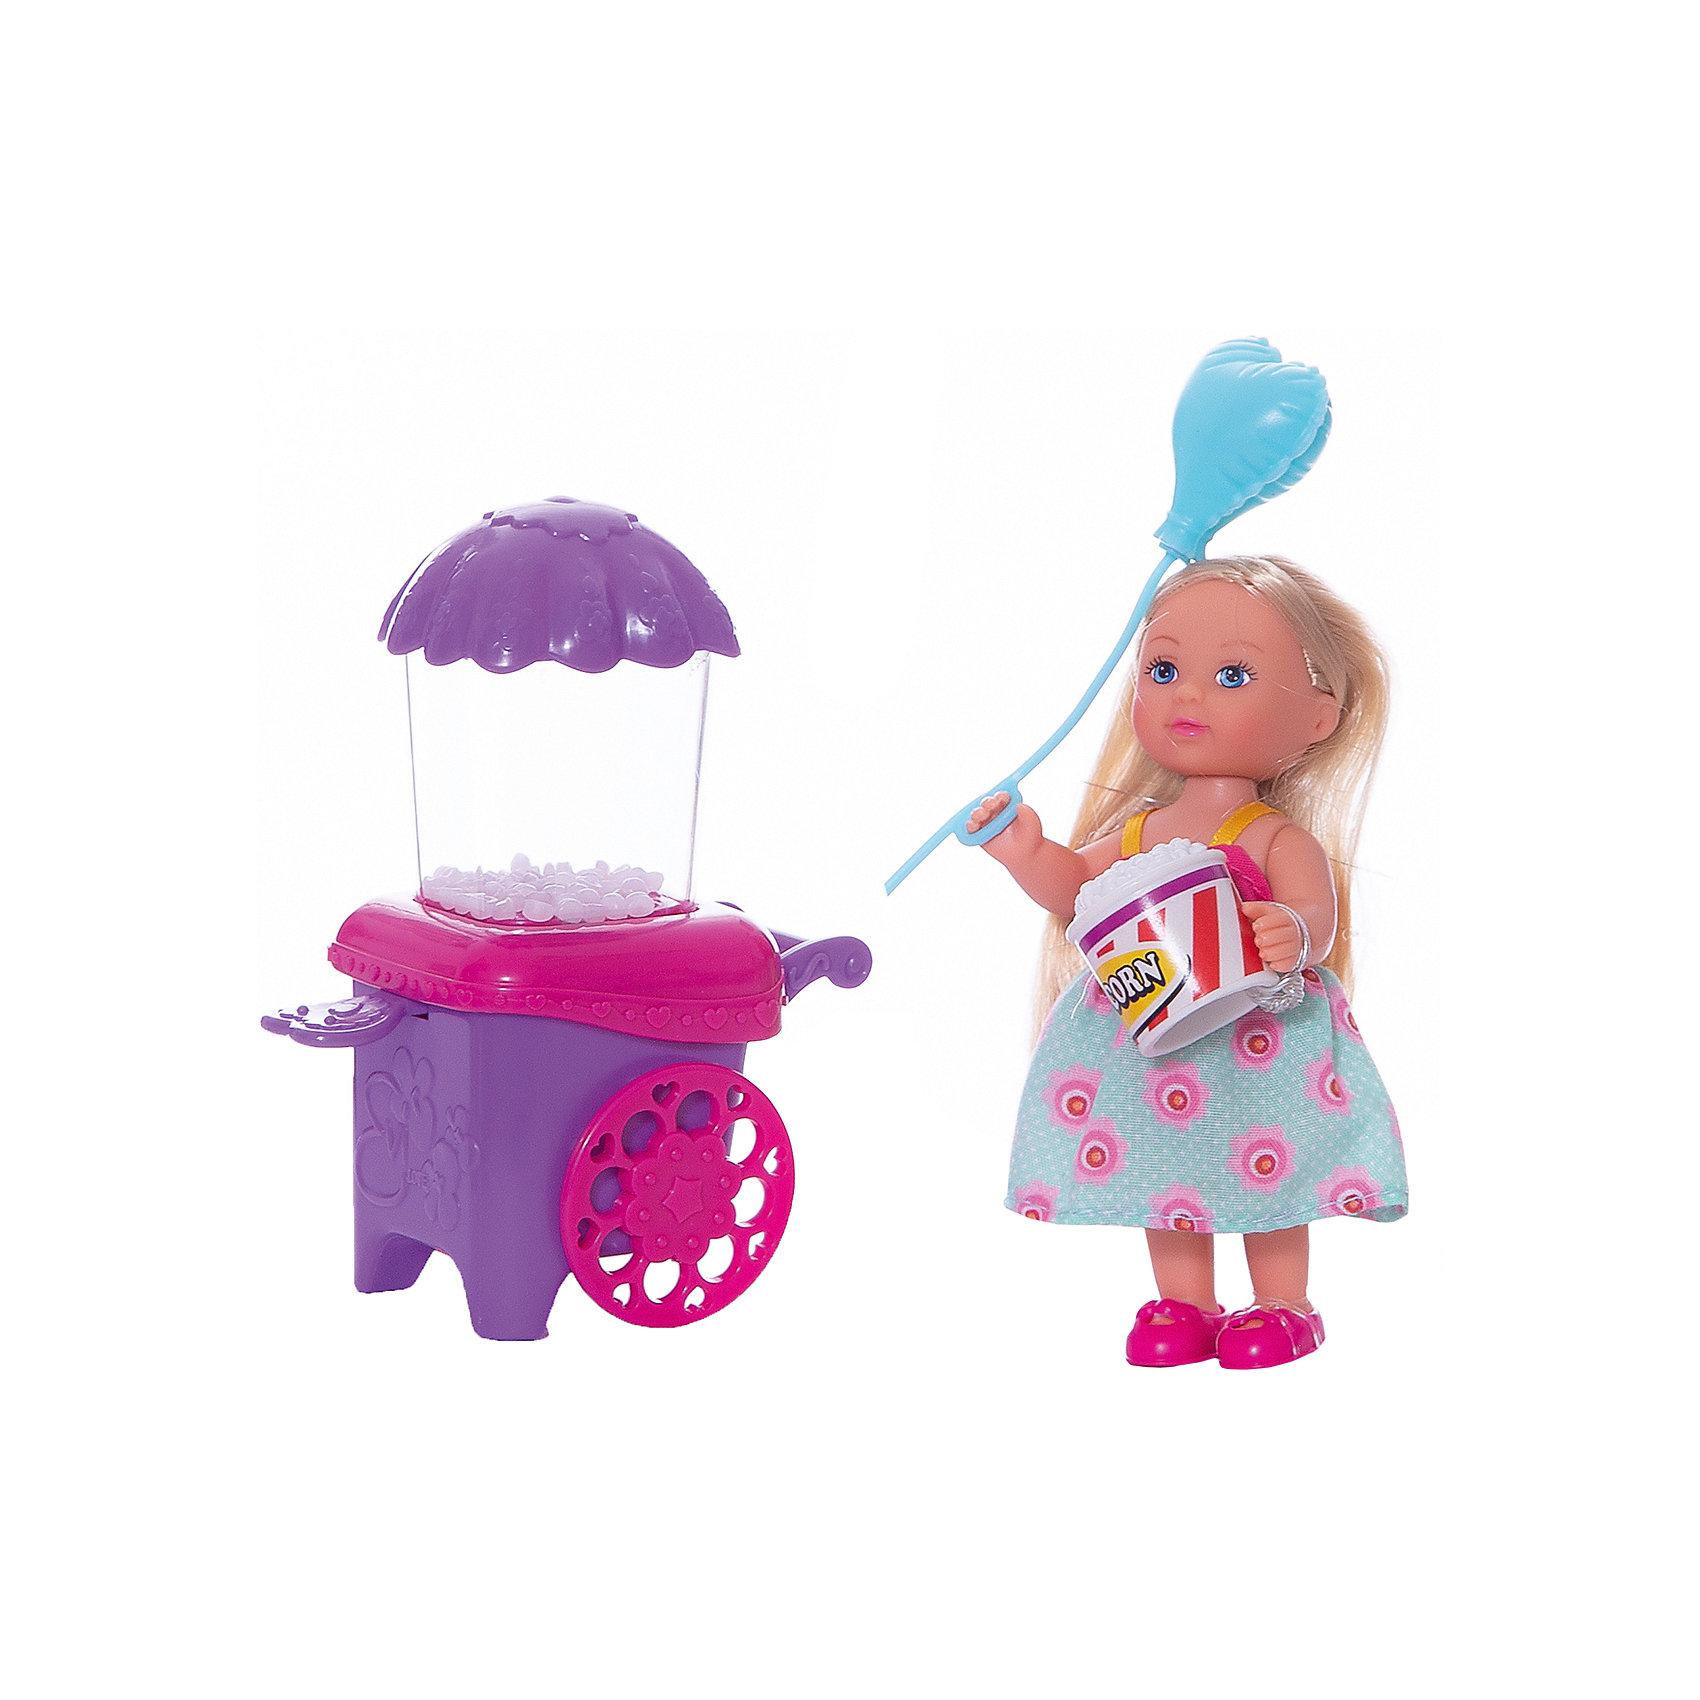 Кукла Еви делает попкорн, 12 см, SimbaХарактеристики:<br><br>• высота куклы: 12 см;<br>• аксессуары: тележка с попкорном, стаканчик для попкорна, пластиковый воздушный шарик;<br>• размер упаковки: 16х14х6,5 см.<br><br>Малышка Еви угощает всех желающих попкорном. Прибор работает без батареек, для запуска сахарных шариков рычаг опускается вниз ручным способом. Одета куколка Еви в летнее платьице, ее золотистые волосы можно расчесывать и менять образ красавицы.<br><br>Куклу Еви делает попкорн, 12 см, Simba можно купить в нашем магазине.<br><br>Ширина мм: 65<br>Глубина мм: 160<br>Высота мм: 140<br>Вес г: 1<br>Возраст от месяцев: 36<br>Возраст до месяцев: 120<br>Пол: Женский<br>Возраст: Детский<br>SKU: 5258969